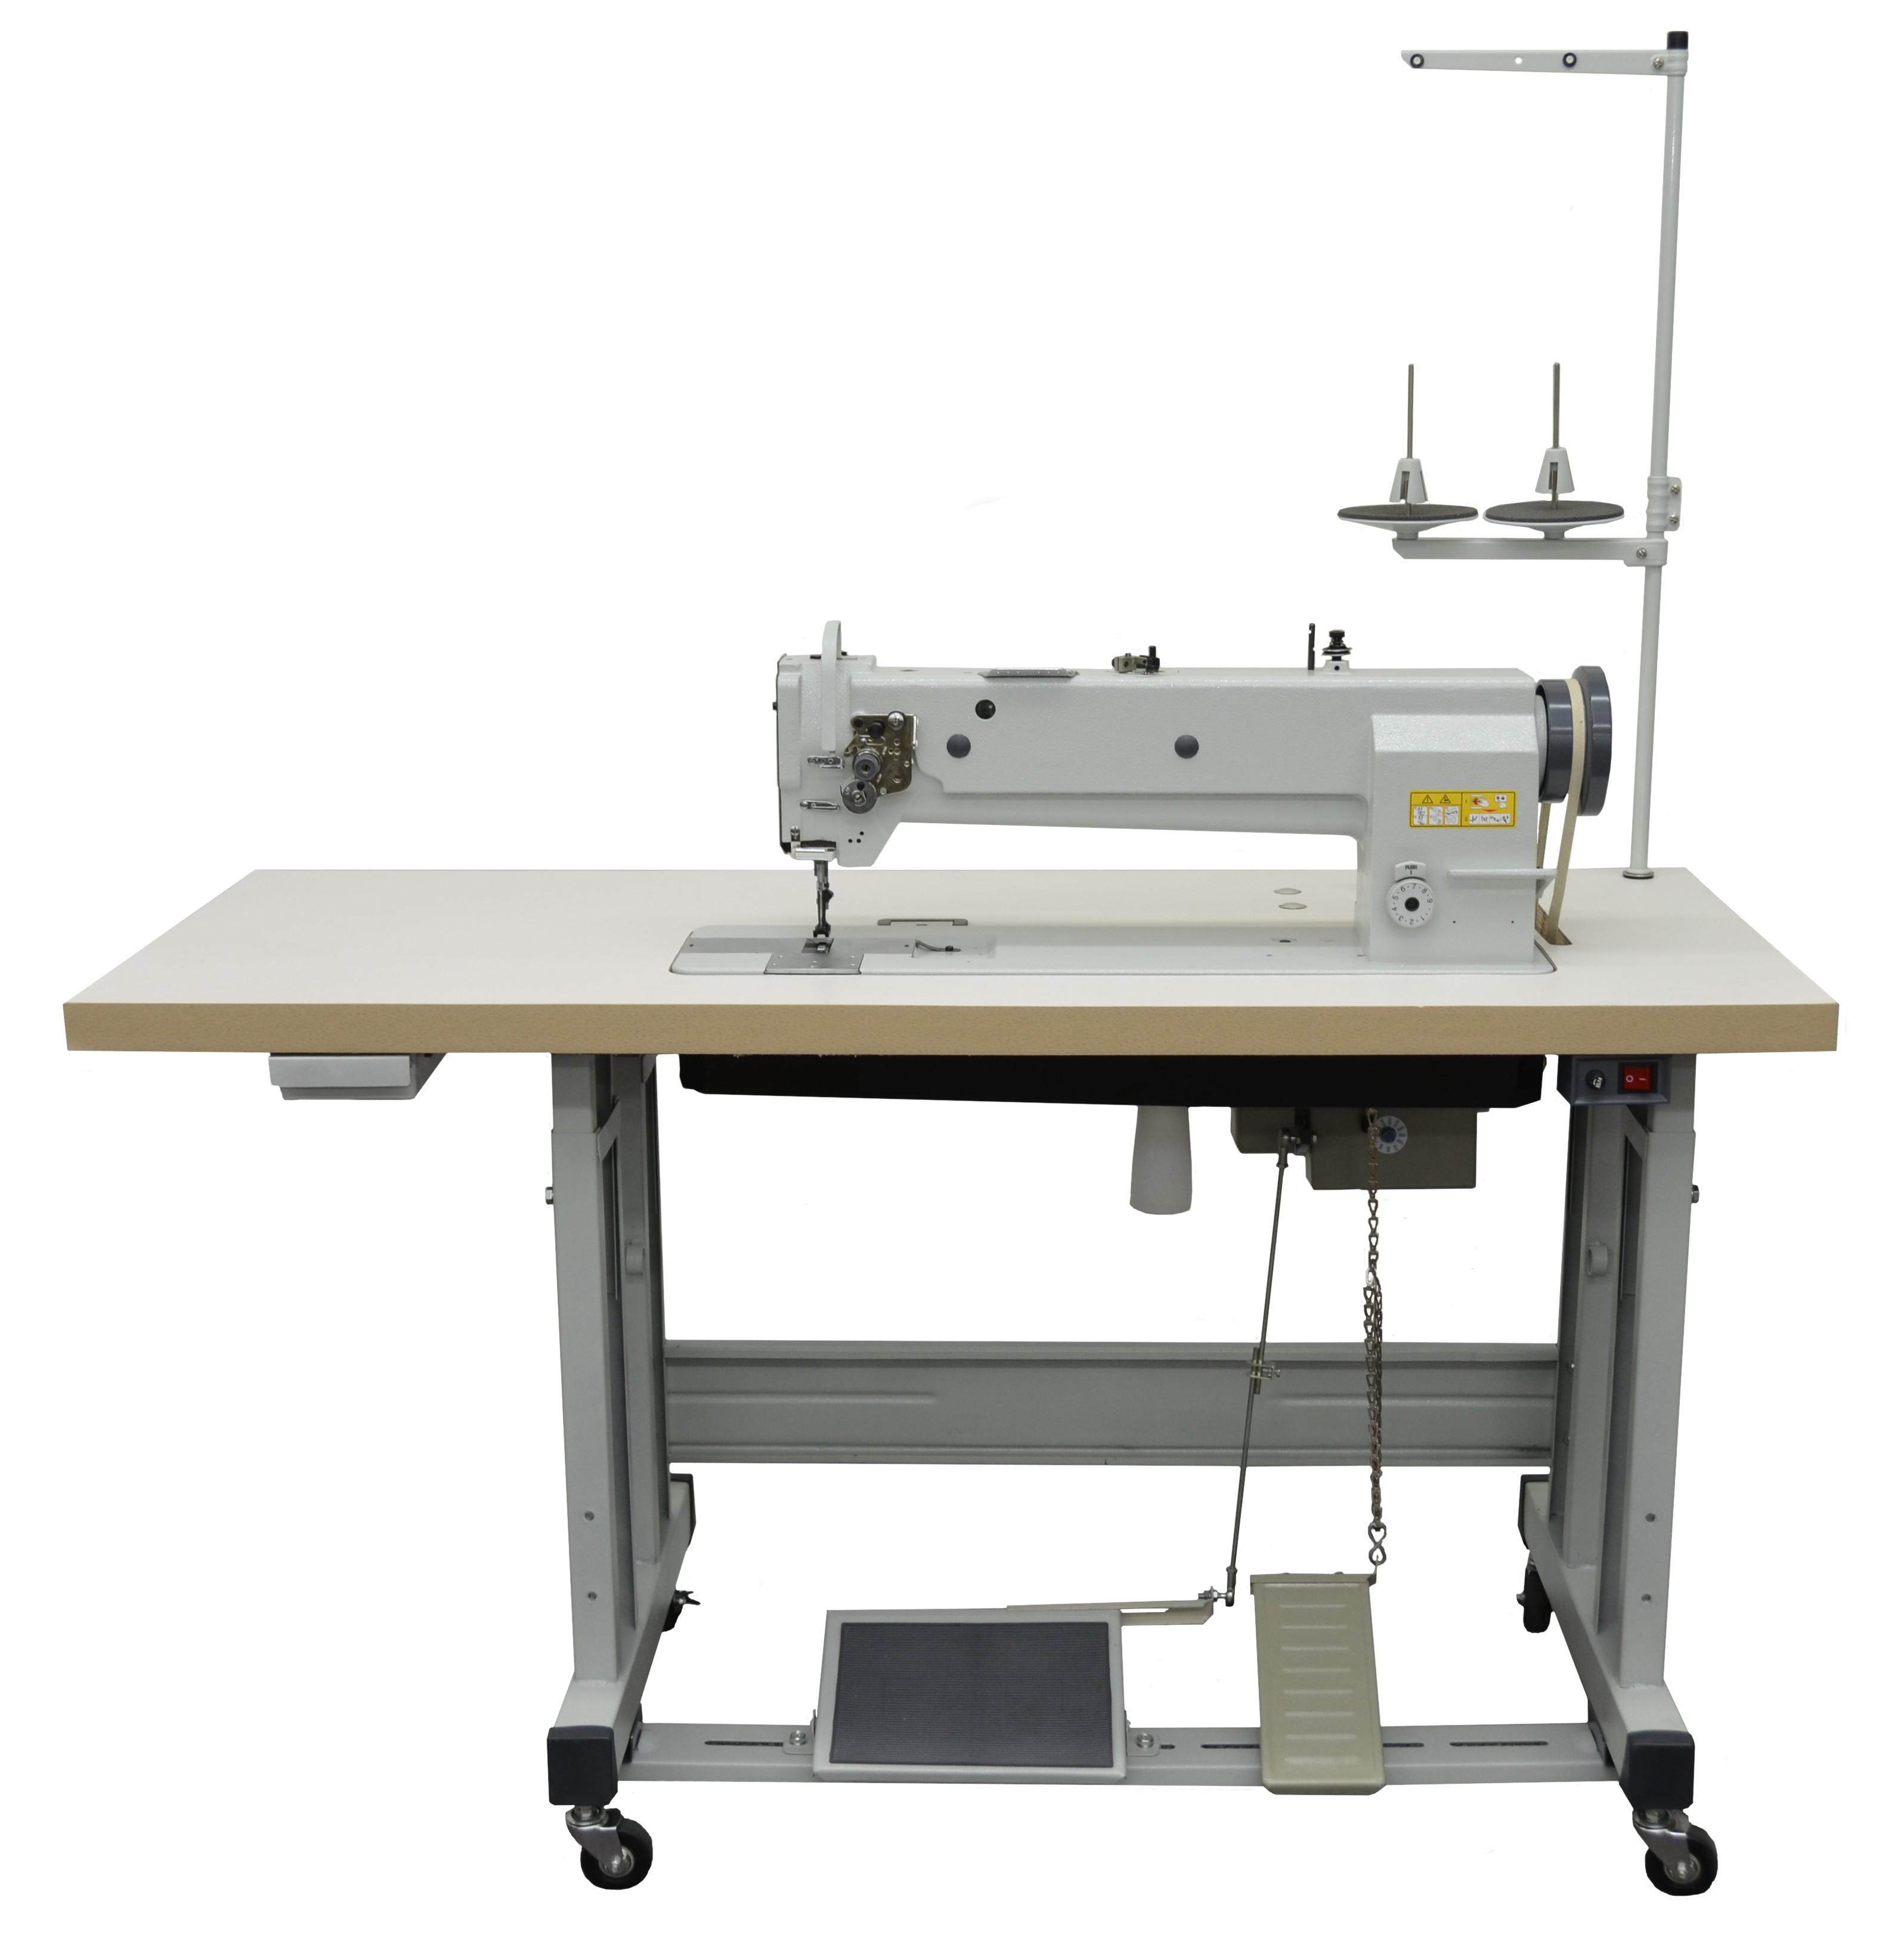 Titan 2061-L18 long arm machine